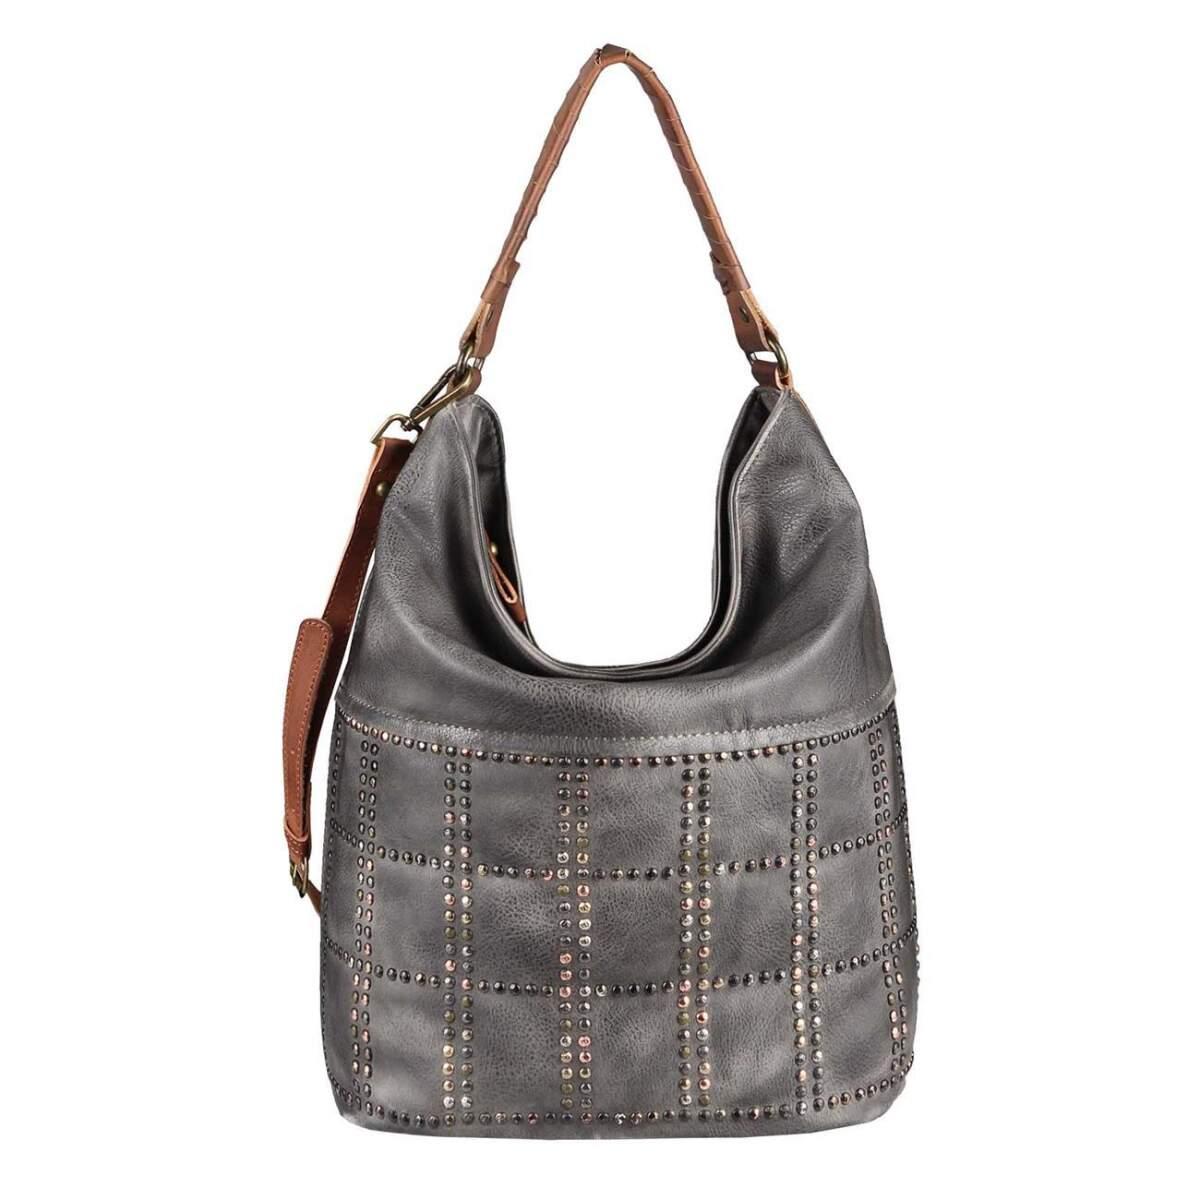 3b3b4bfdbd475 DAMEN HAND-TASCHE Hobo Bag Tasche Henkeltasche Nietentasche Umhängetasche Shopper  Schultertasche Beuteltasche